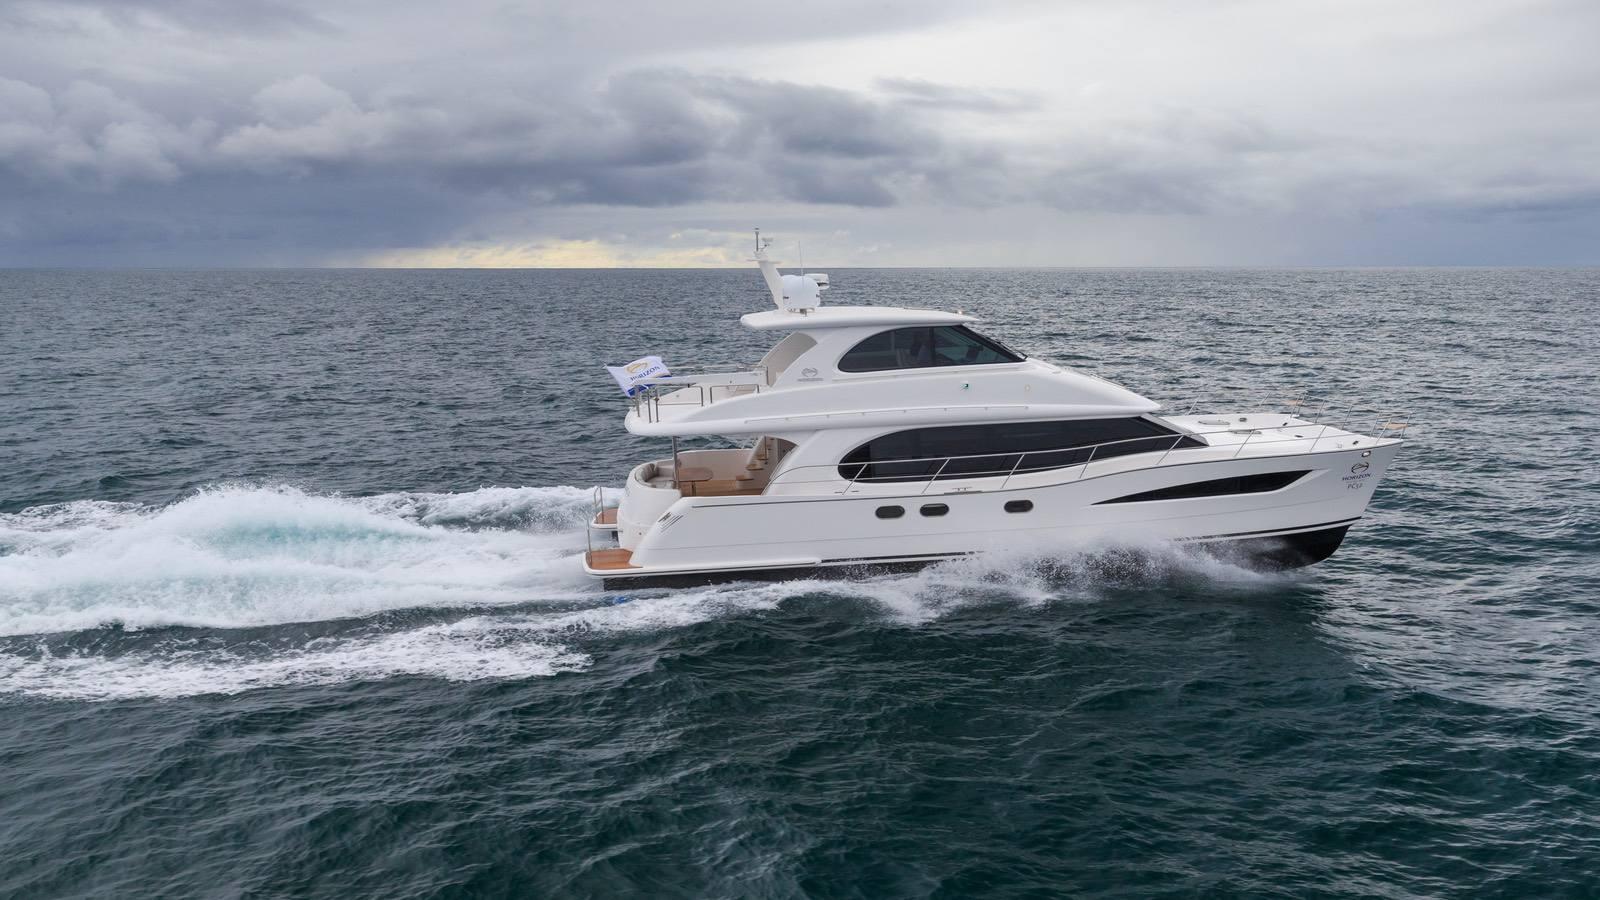 Horizon Yacht Europe - PC Series 52–74 ft